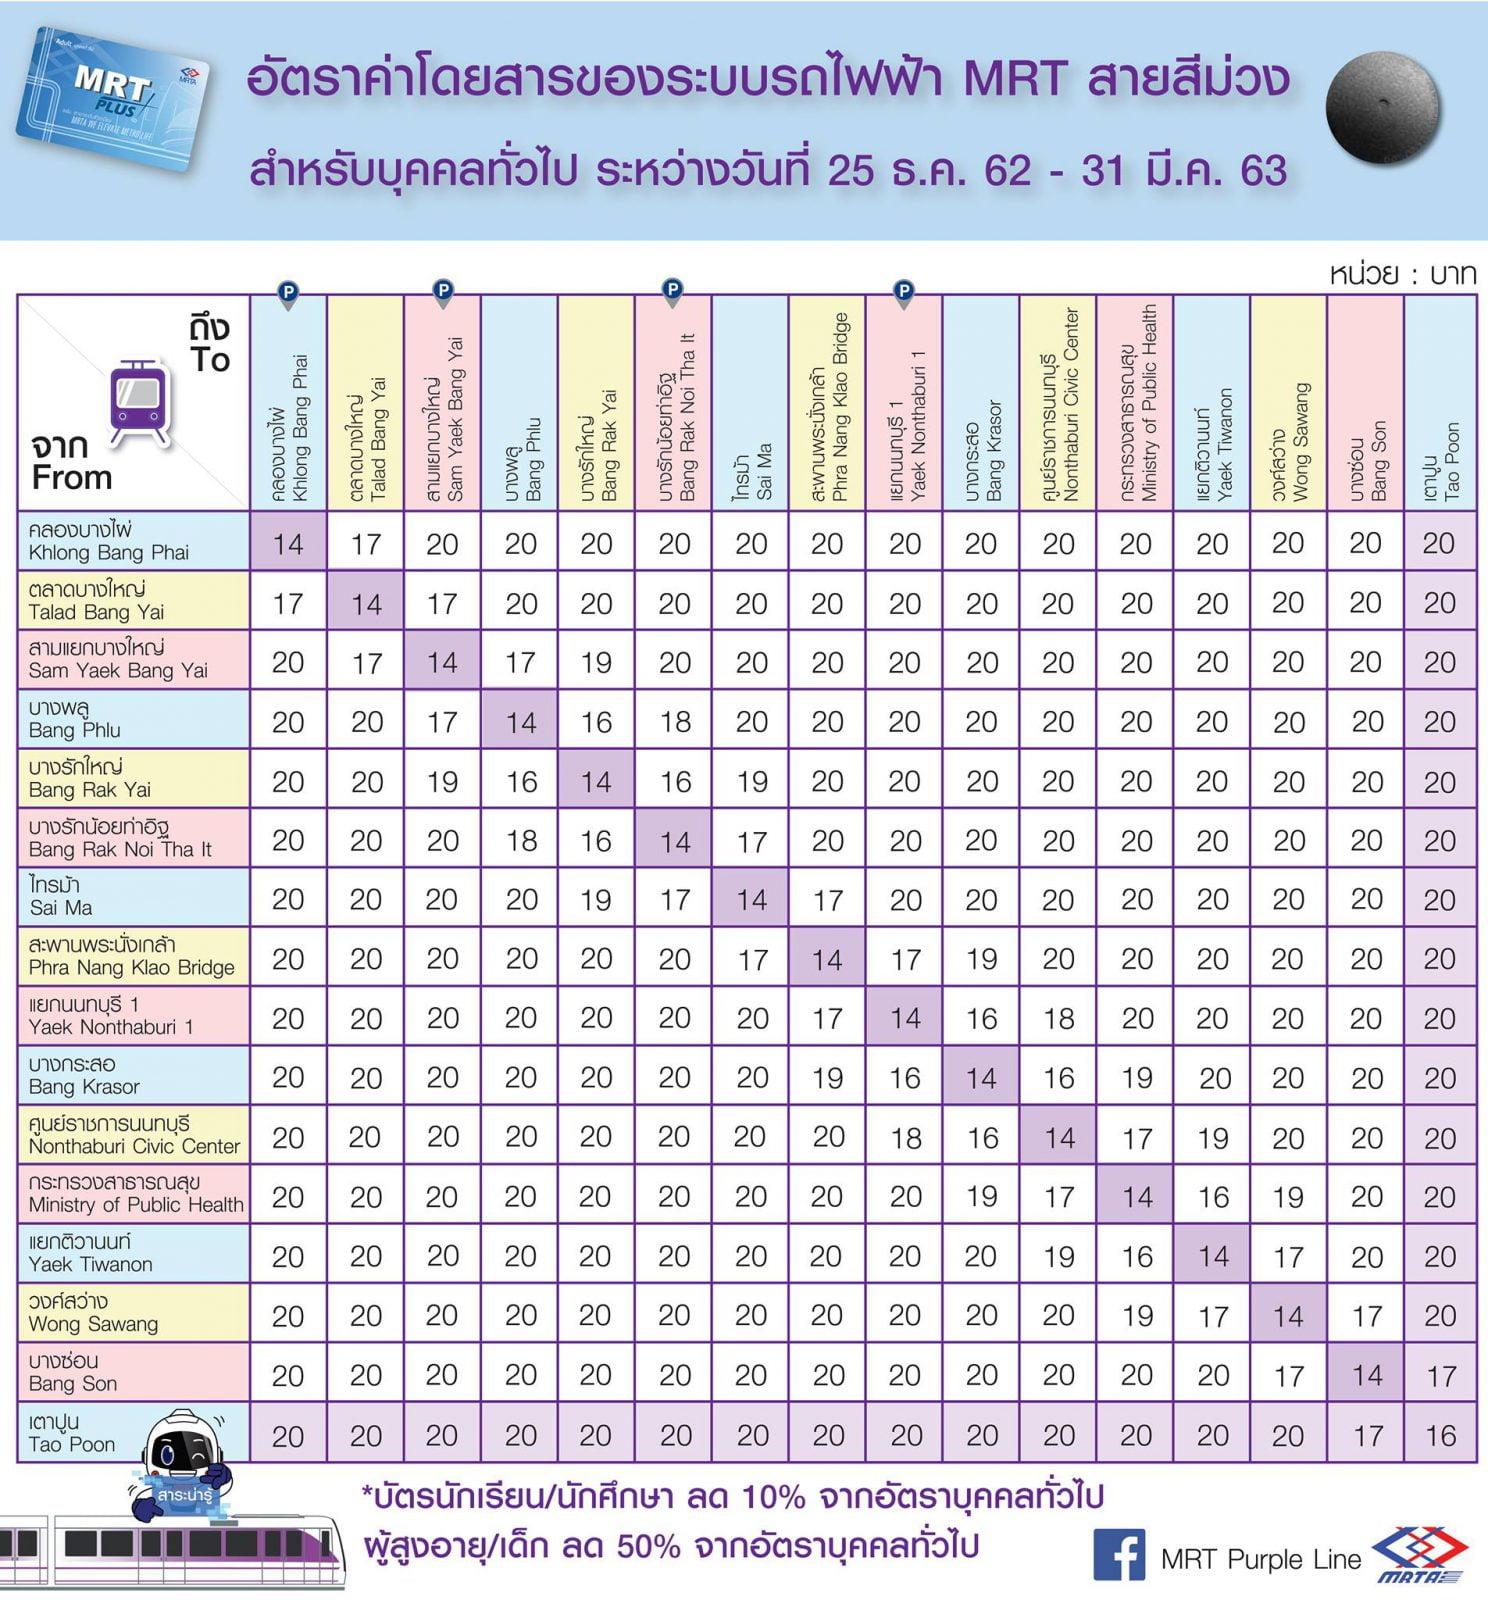 รถไฟฟ้า MRT สายสีม่วง ตารางค่าโดยสาร ราคา 14 - 20 บาทตลอดสาย ตั้งแต่วันนี้ - 31 มีนาคม 2563